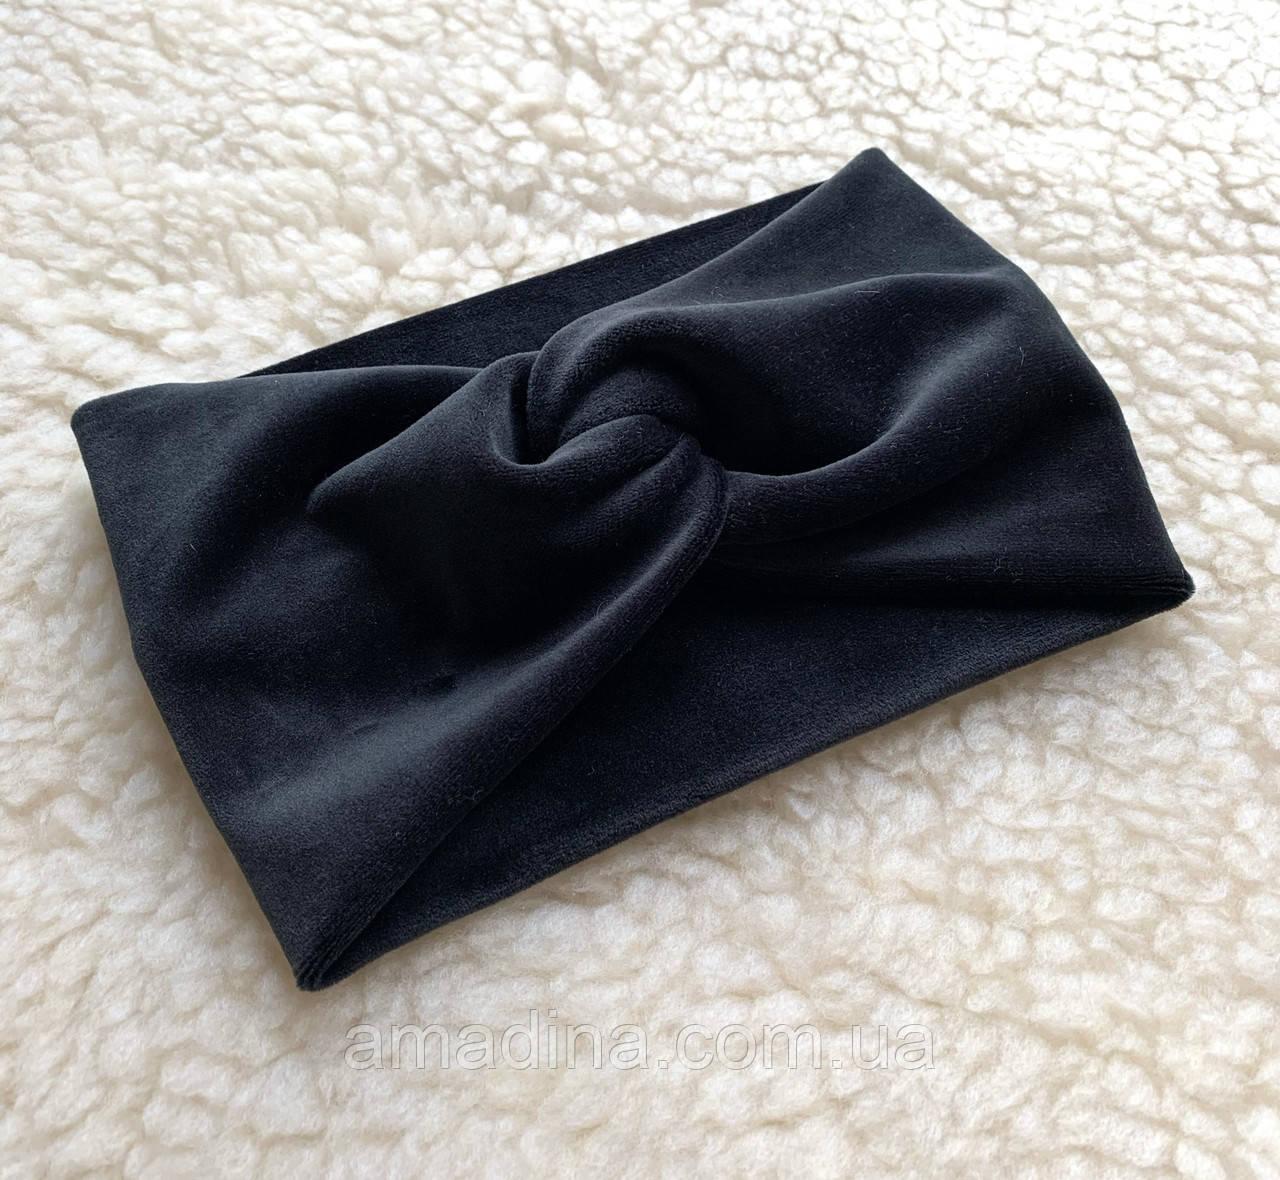 Пов'язка чалма велюр жіноча чорна широка тюрбан тепла, широкая теплая повязка черная